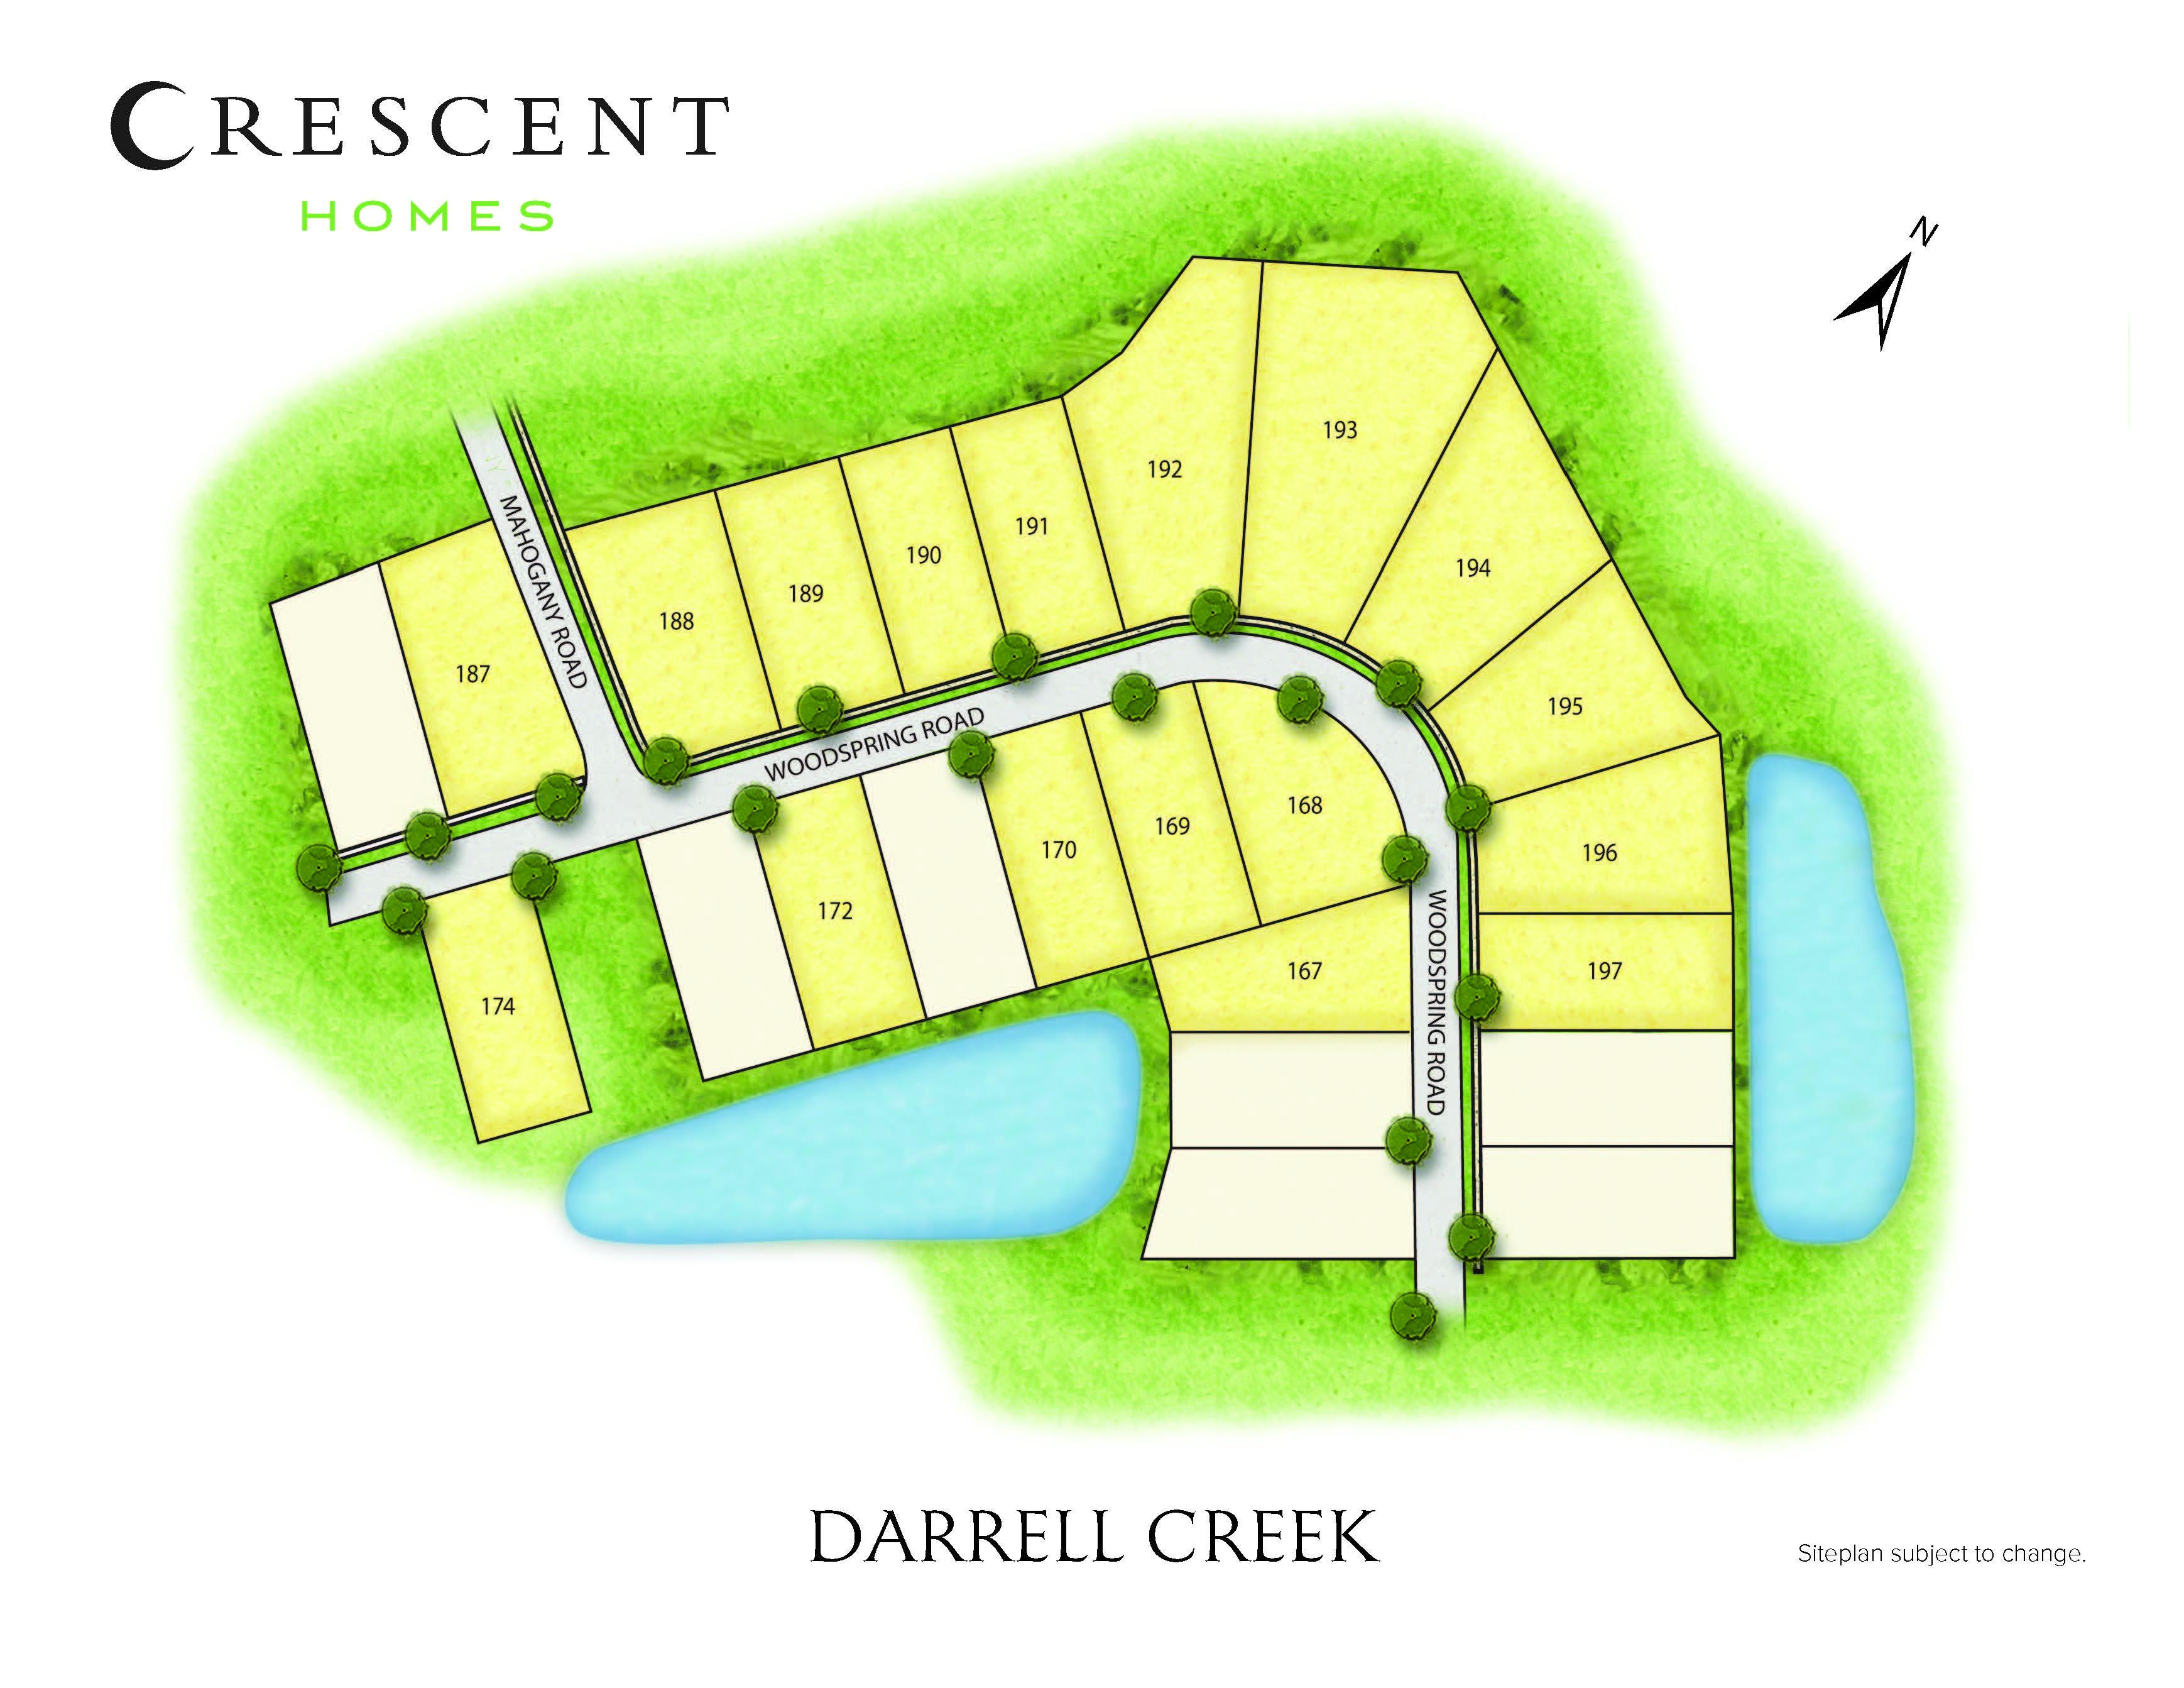 Mt. Pleasant, SC Darrell Creek New Homes